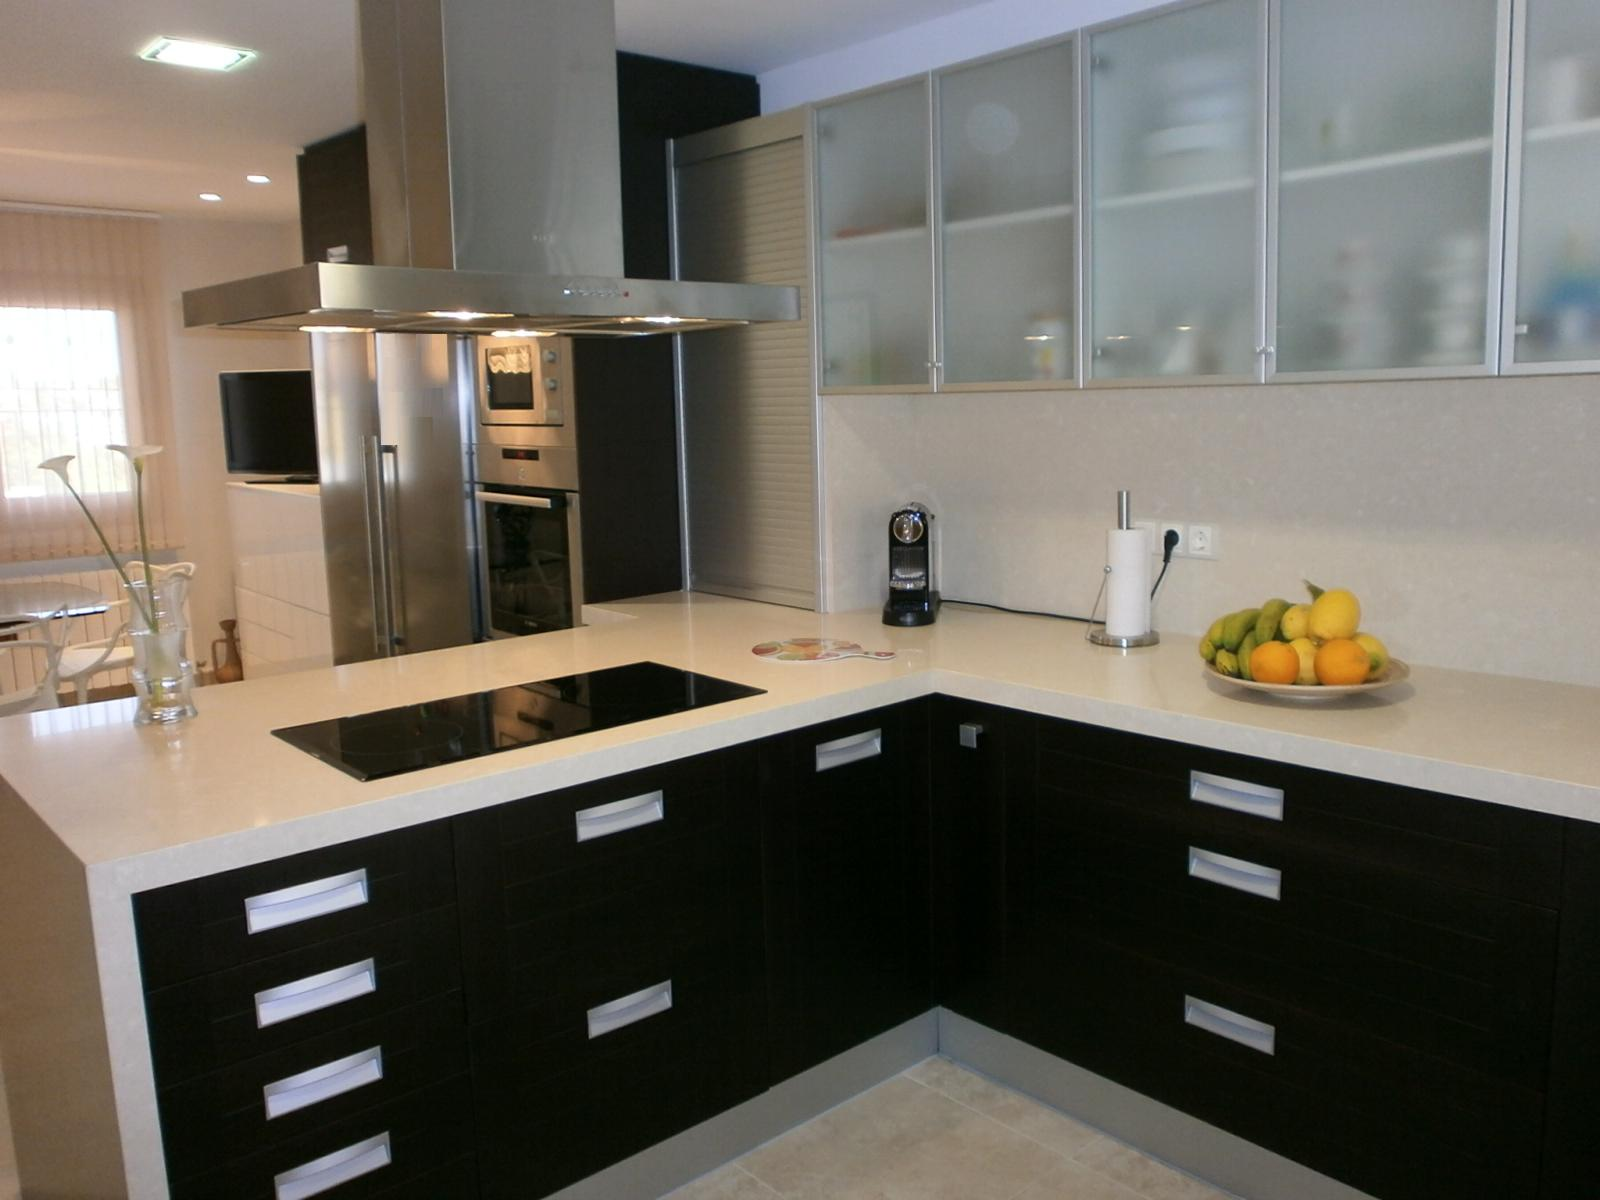 El wengu y la madera oscura en la cocina cocinas con estilo for Ideas para reformar cocina alargada